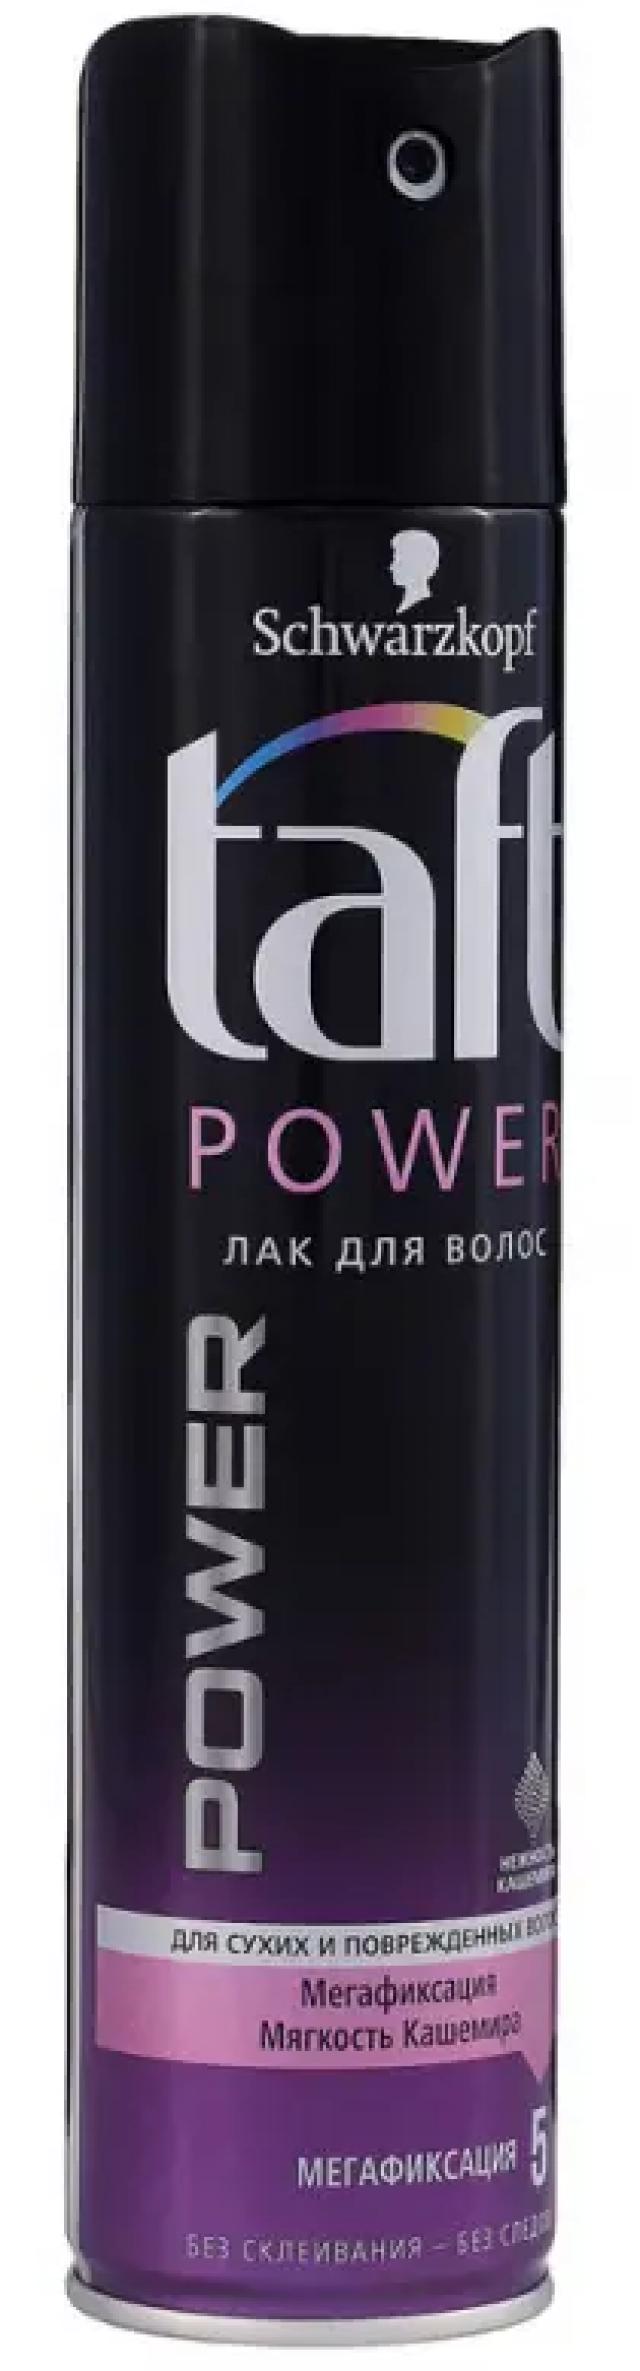 Тафт лак для волос Пауэр Нежность Кашемира 225мл купить в Москве по цене от 0 рублей